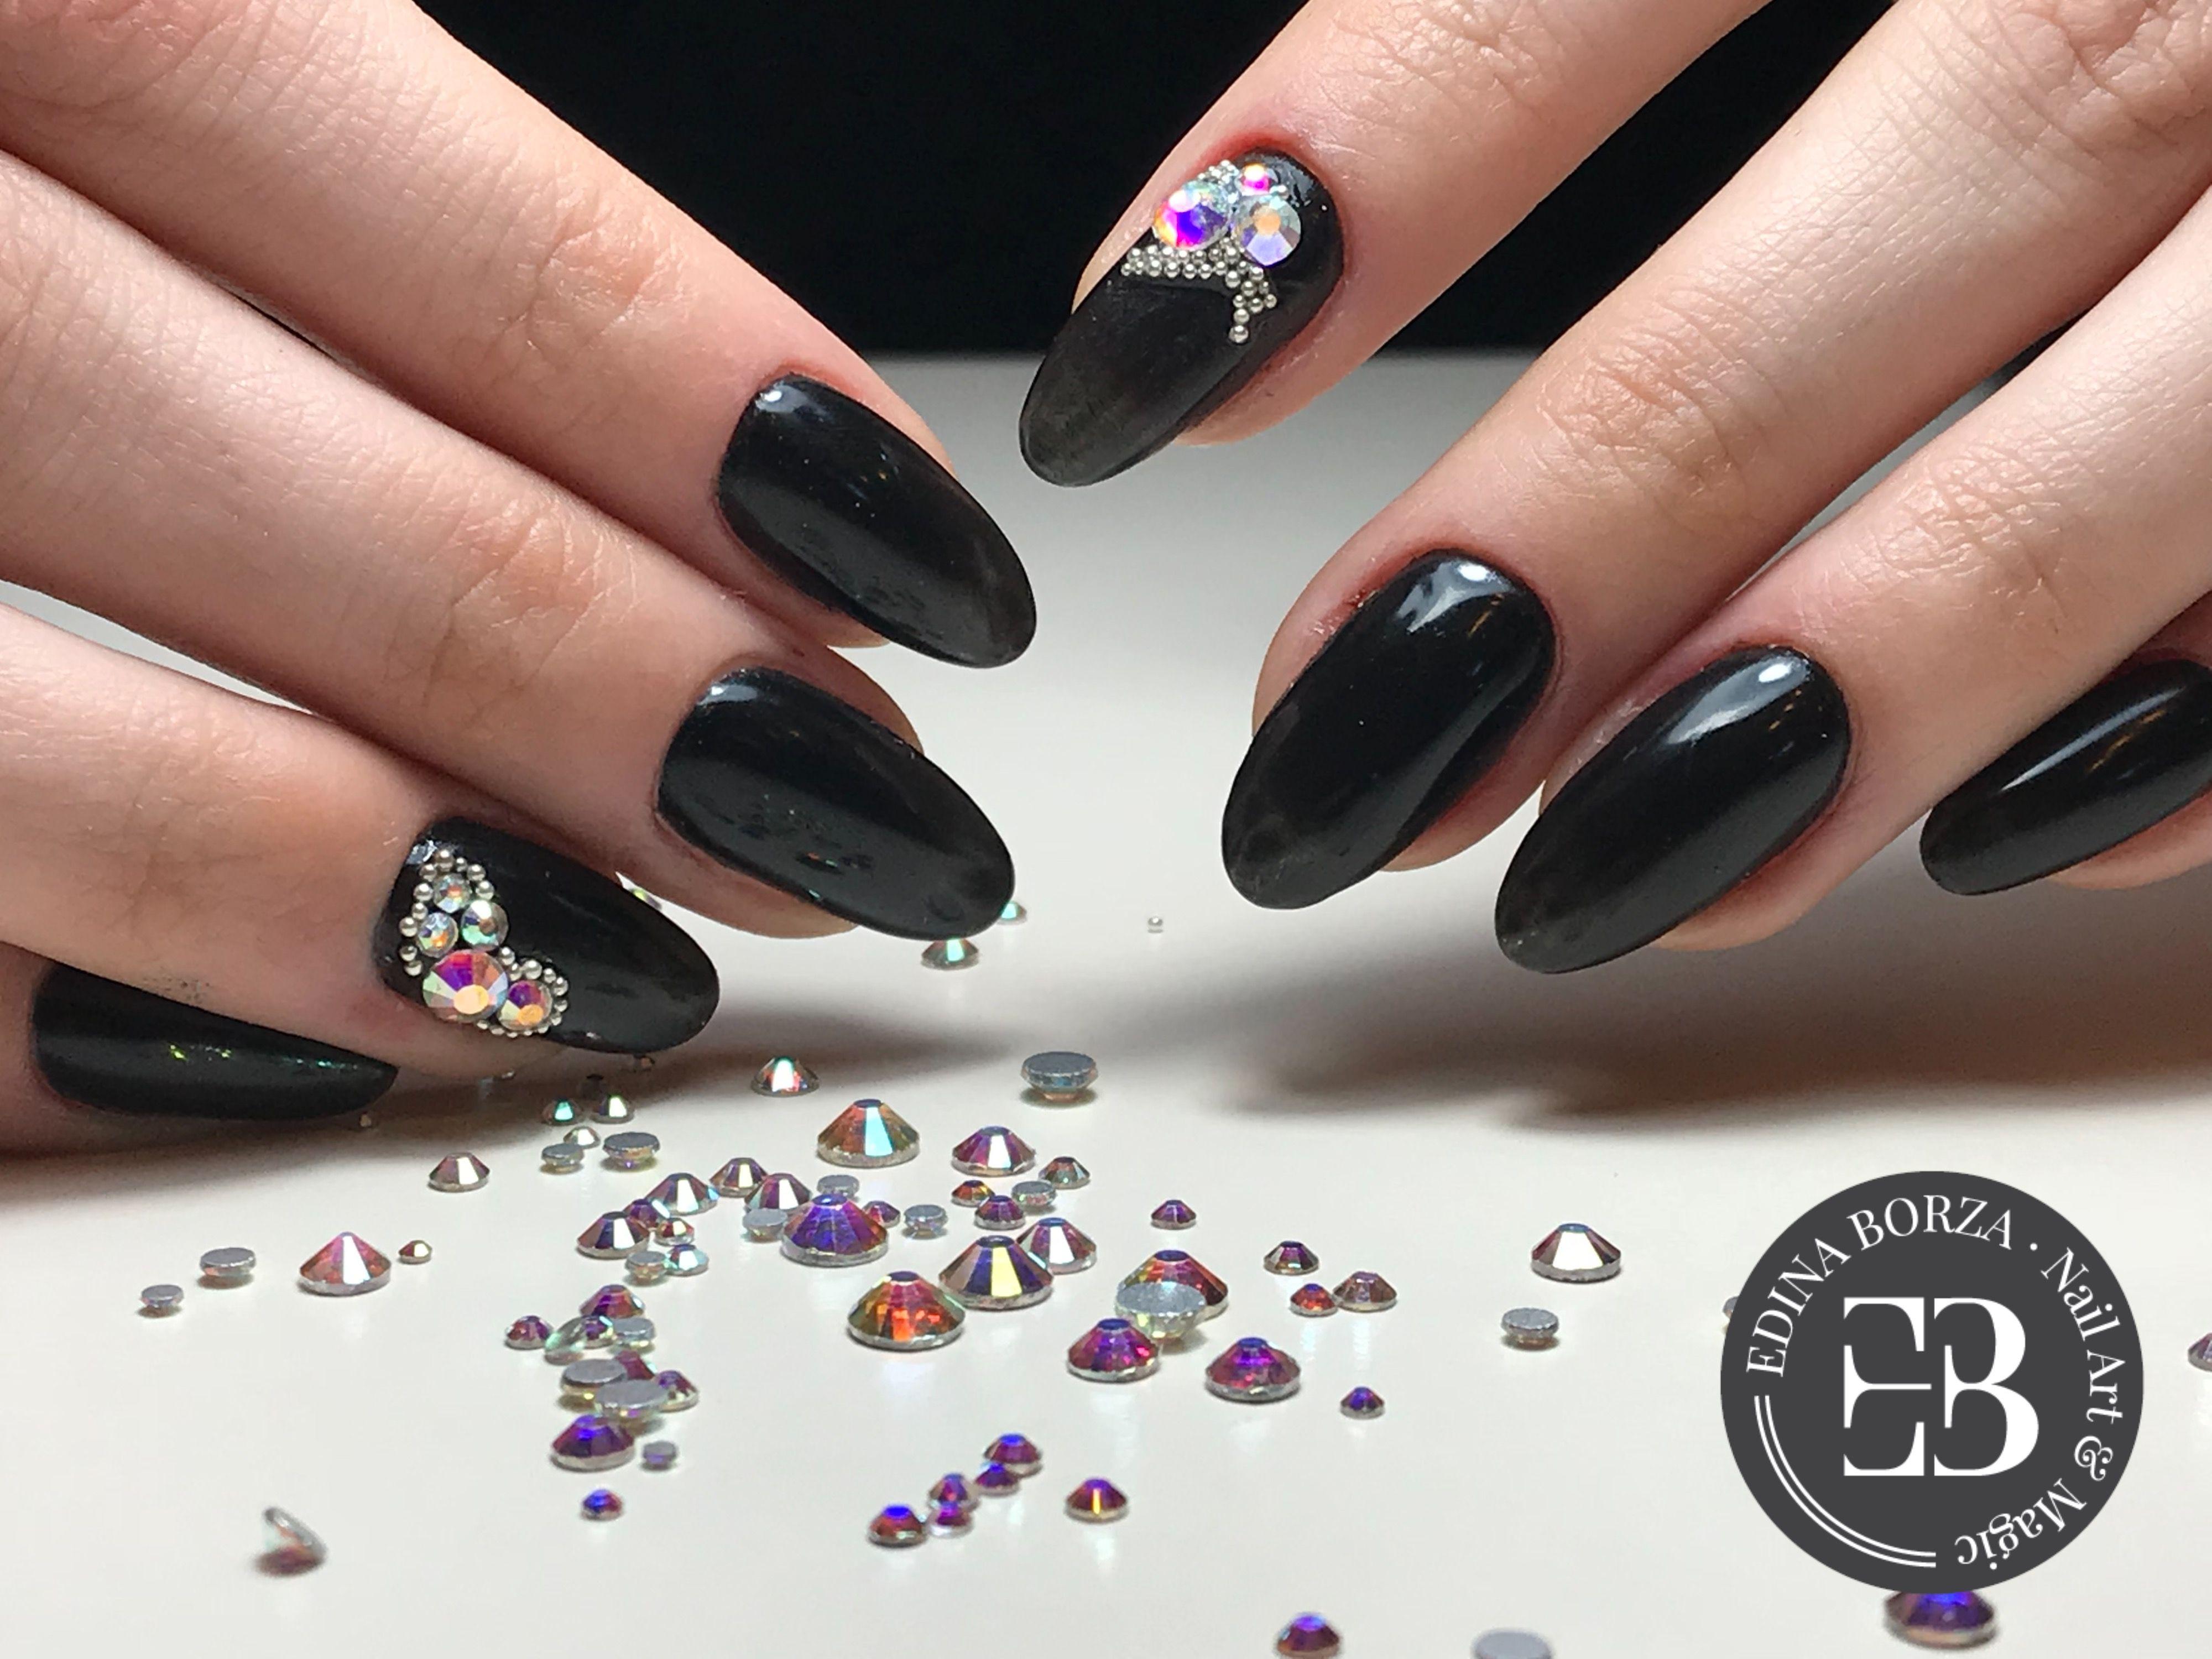 Pin by Edina Borza on Nails Edina Borza   Pinterest   Future trends